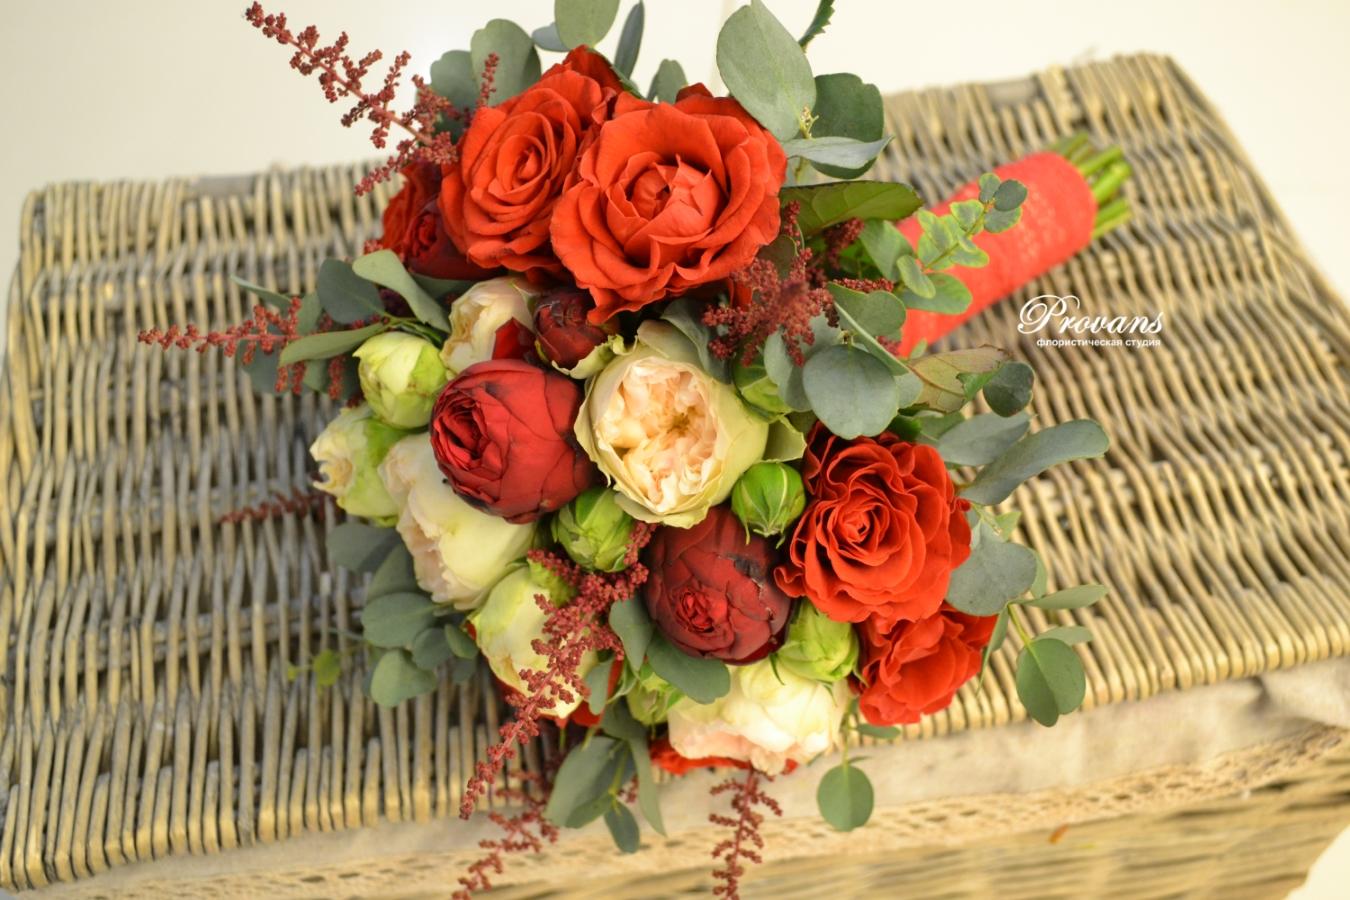 Свадебный букет. Алые розы - символ любви